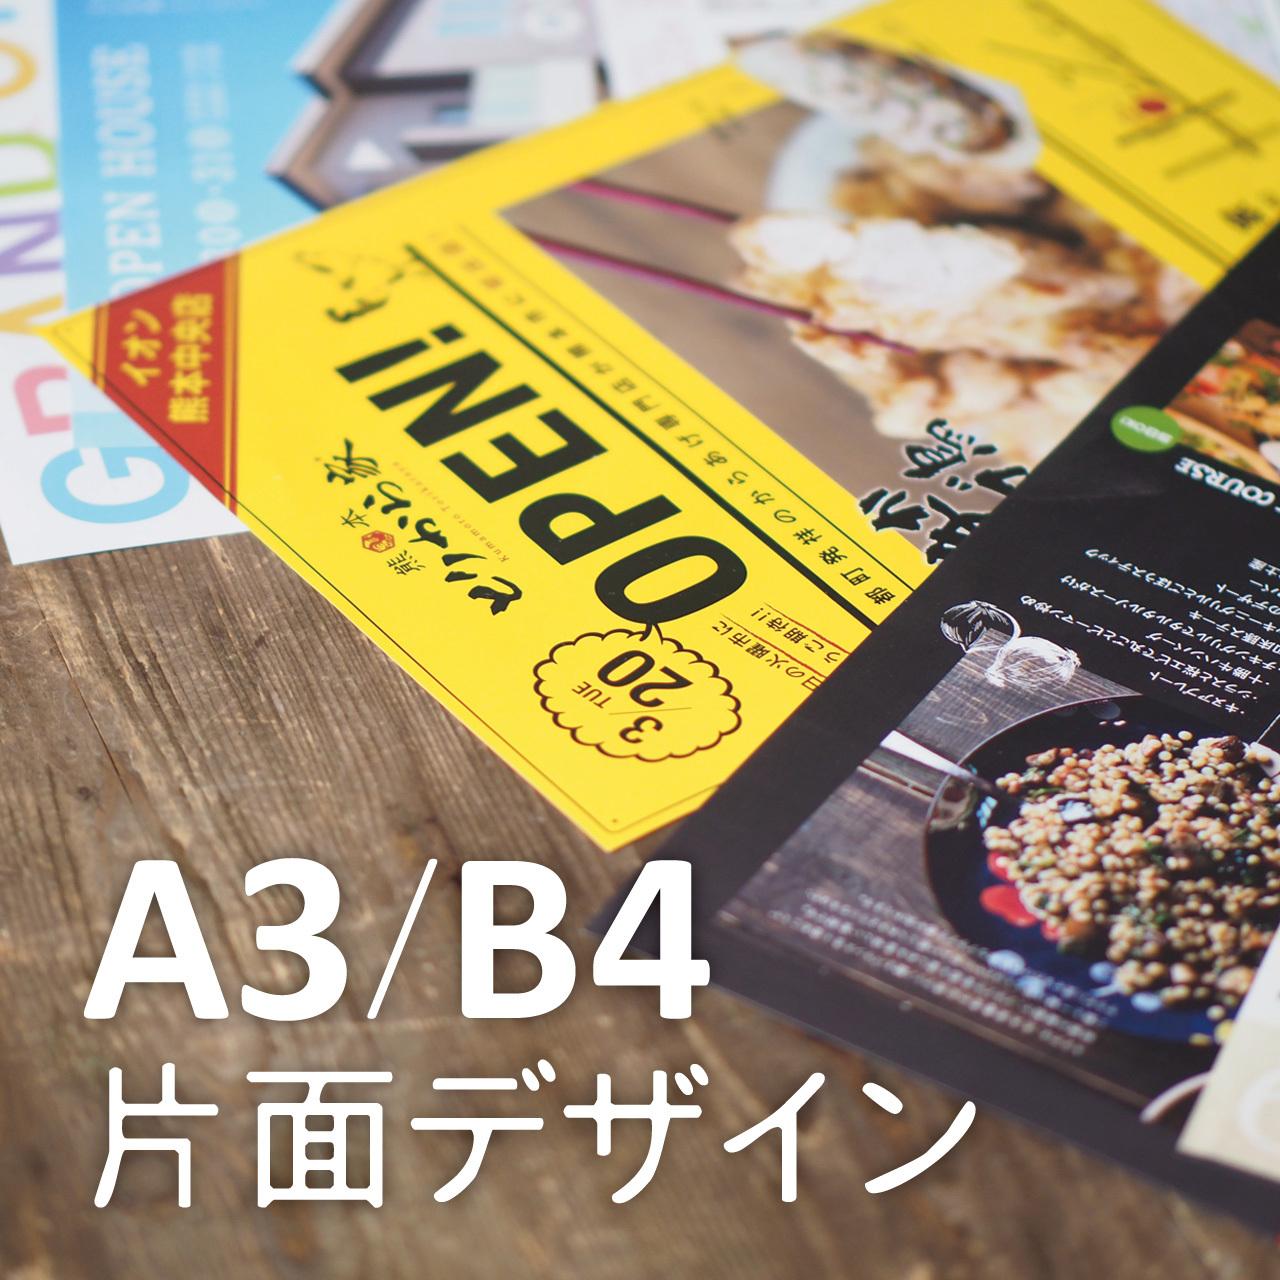 A3/B4チラシ・フライヤーデザイン【片面フルカラー】